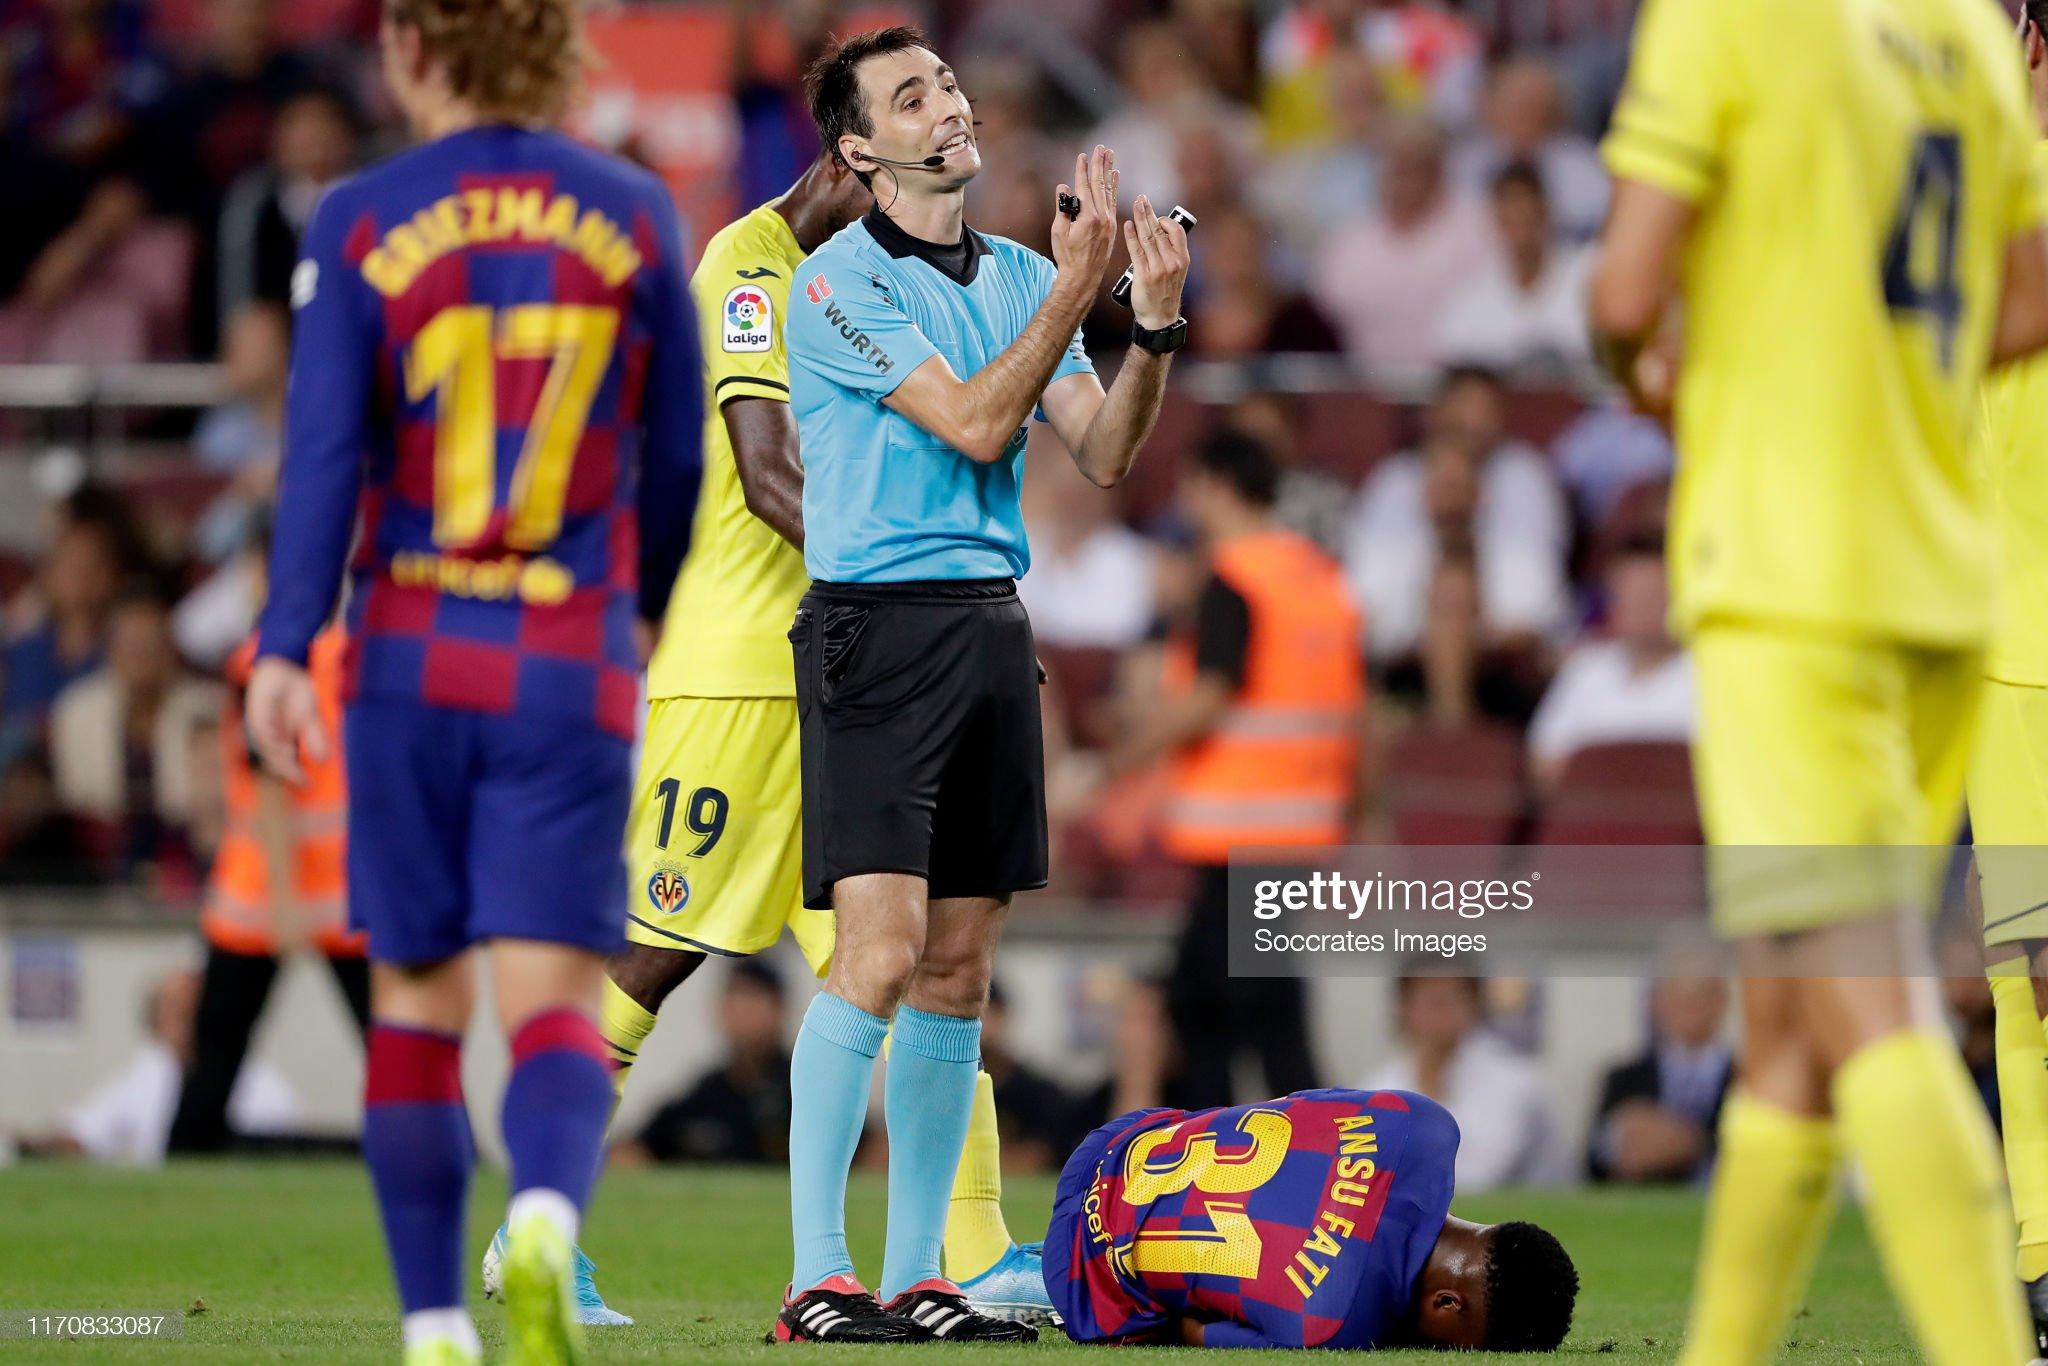 صور مباراة : برشلونة - فياريال 2-1 ( 24-09-2019 )  Referee-de-burgos-bengoetxea-ansu-fati-of-fc-barcelona-during-the-la-picture-id1170833087?s=2048x2048